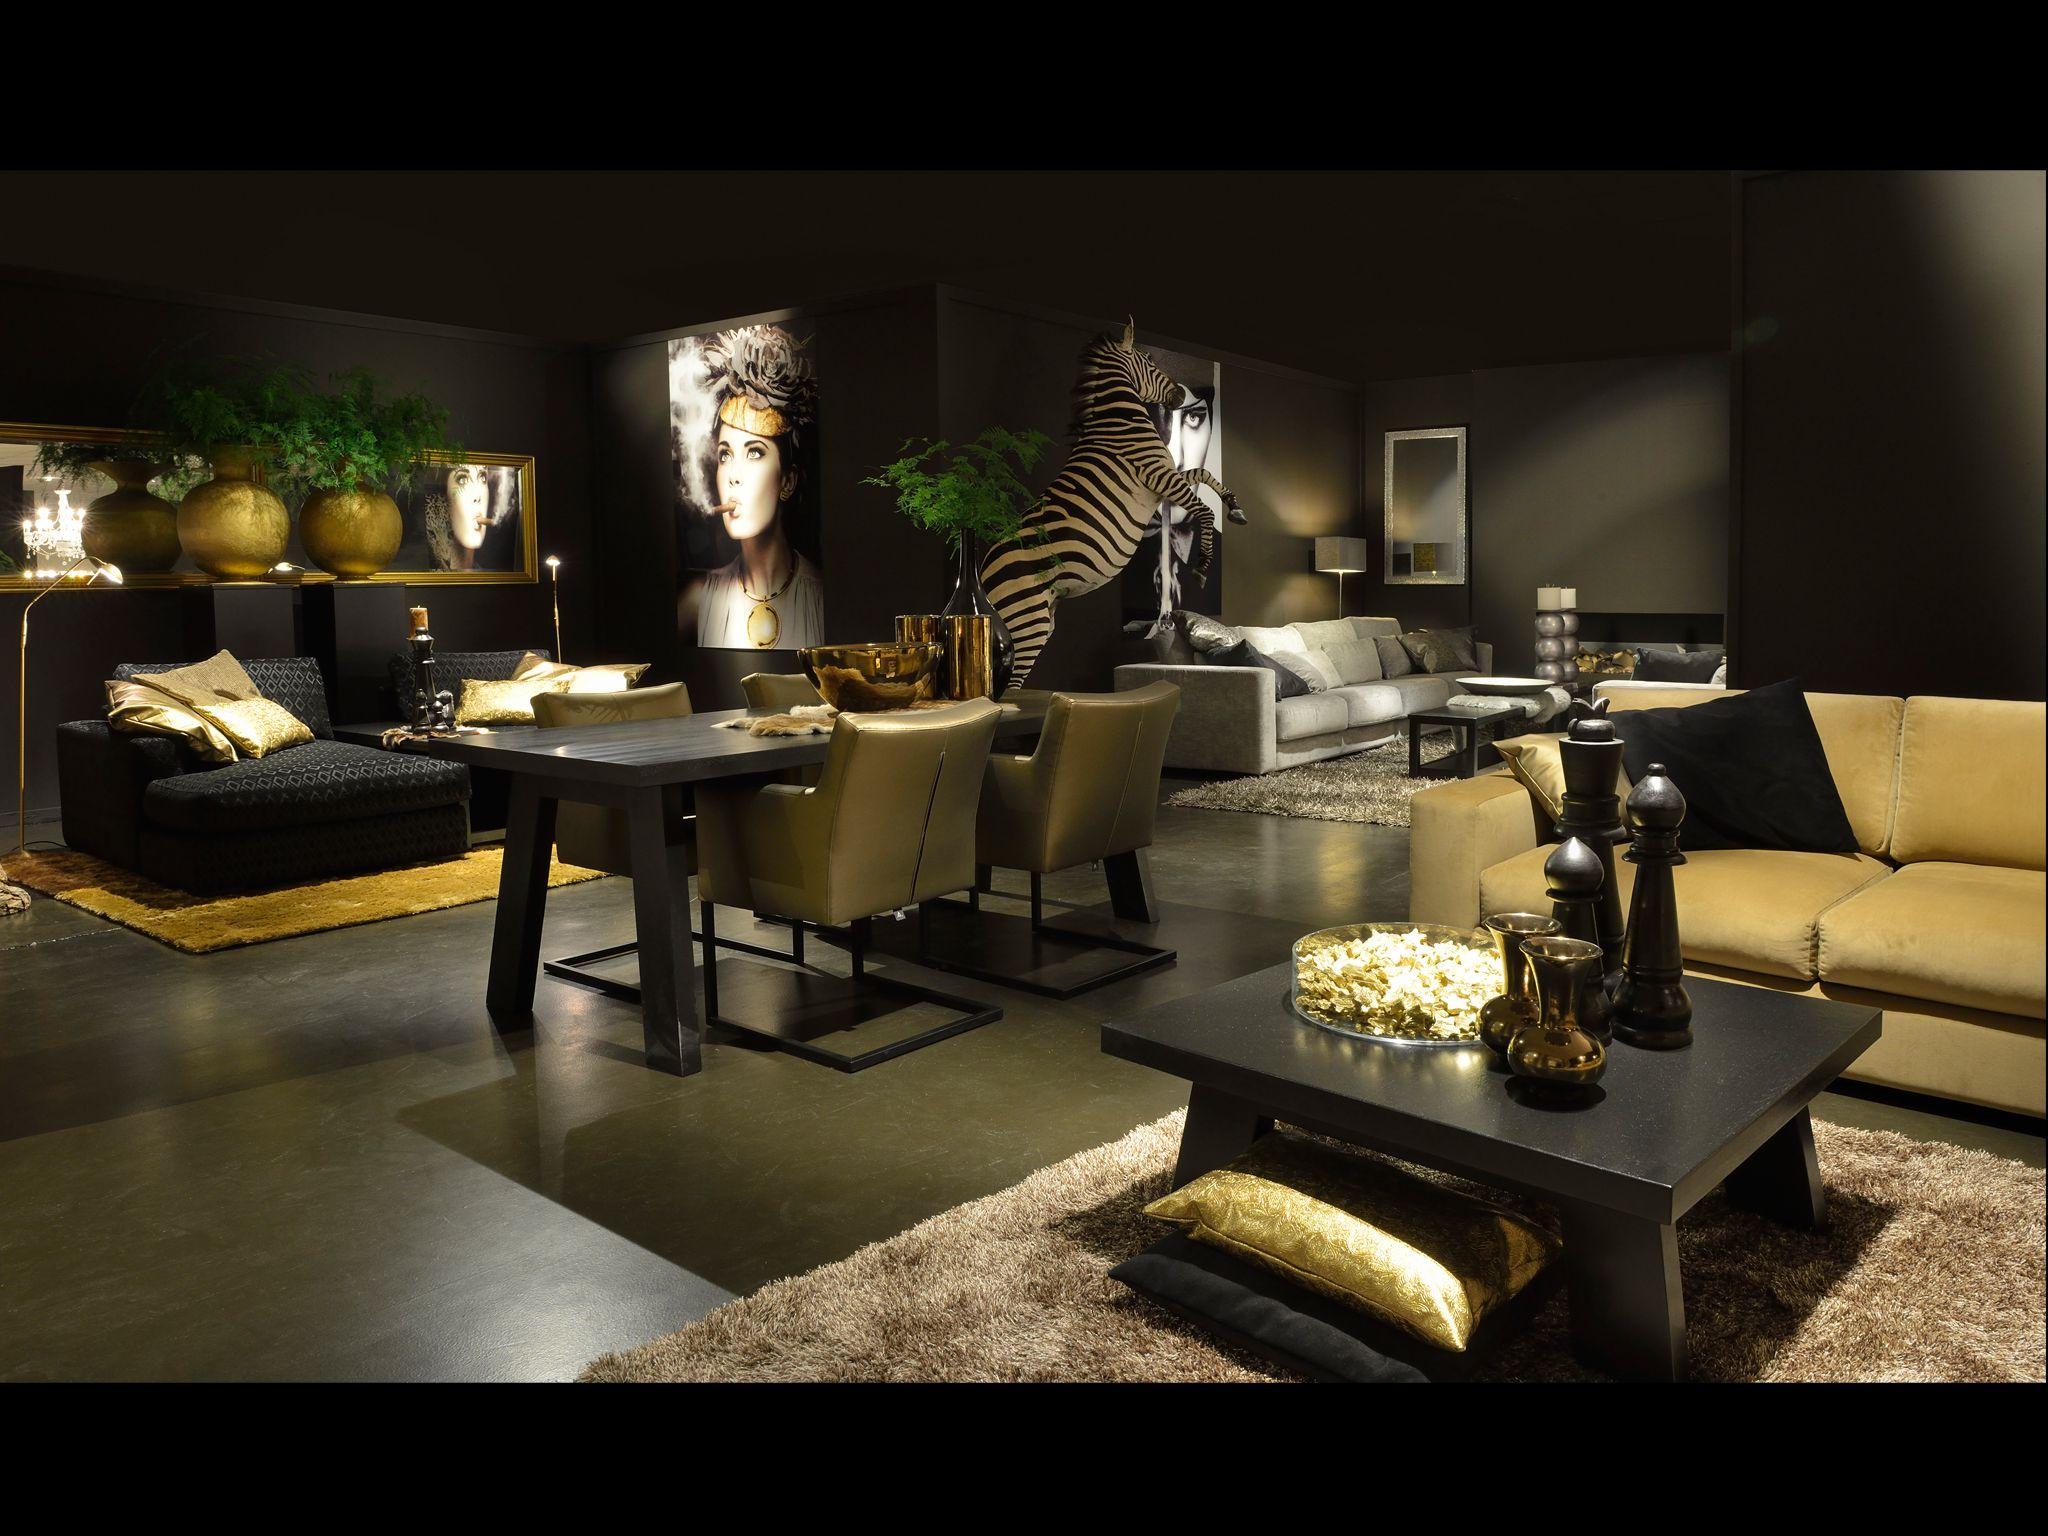 Woonkamer inspiratie meubelen fauteuil bank goud Schilderij woonkamer